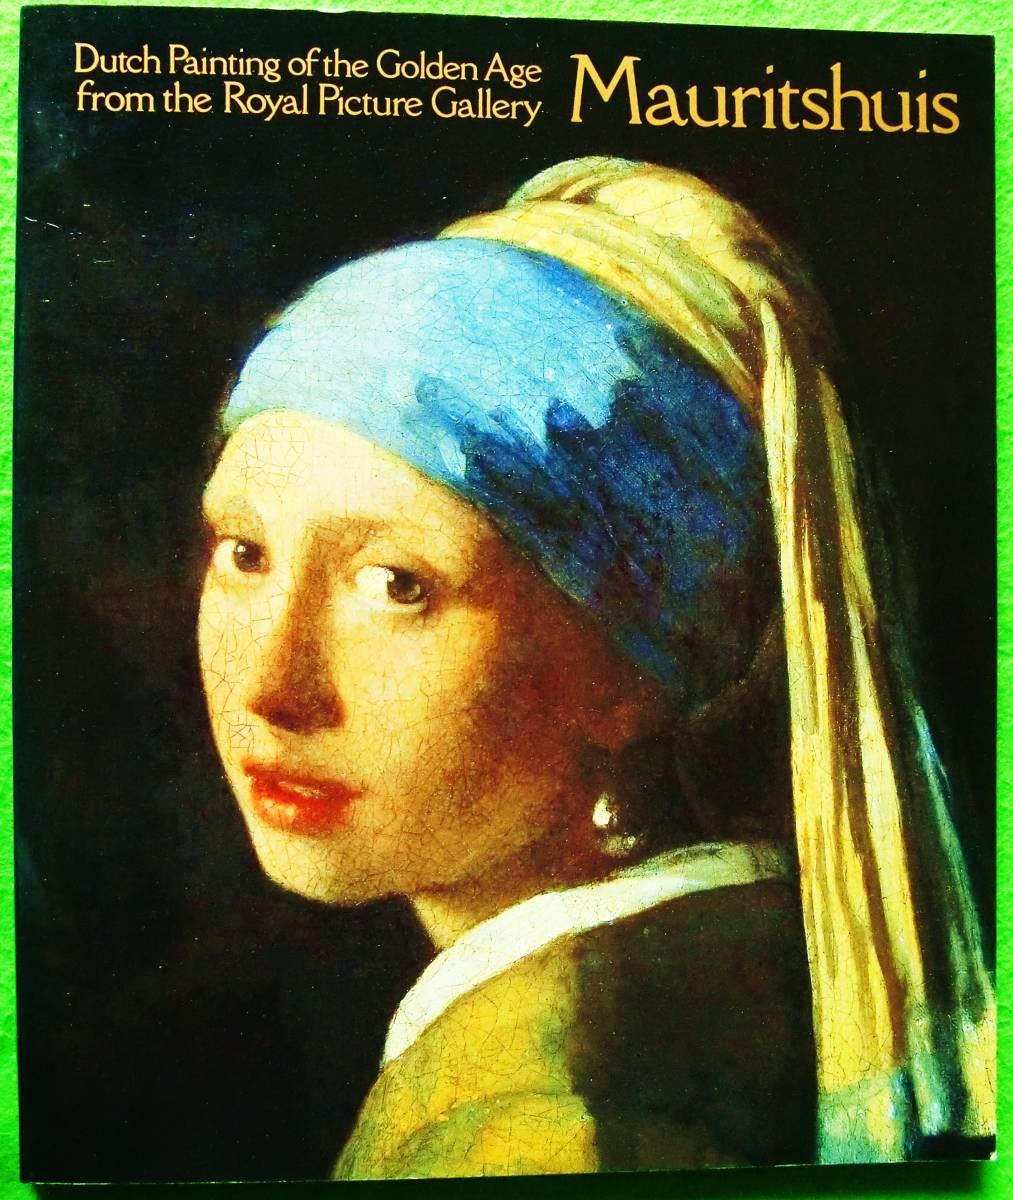 マウリッツハイス王立美術館展図録 [ Dutch Painting of the Golden Age from the Royal Picture Gallery Mauritshuis ]